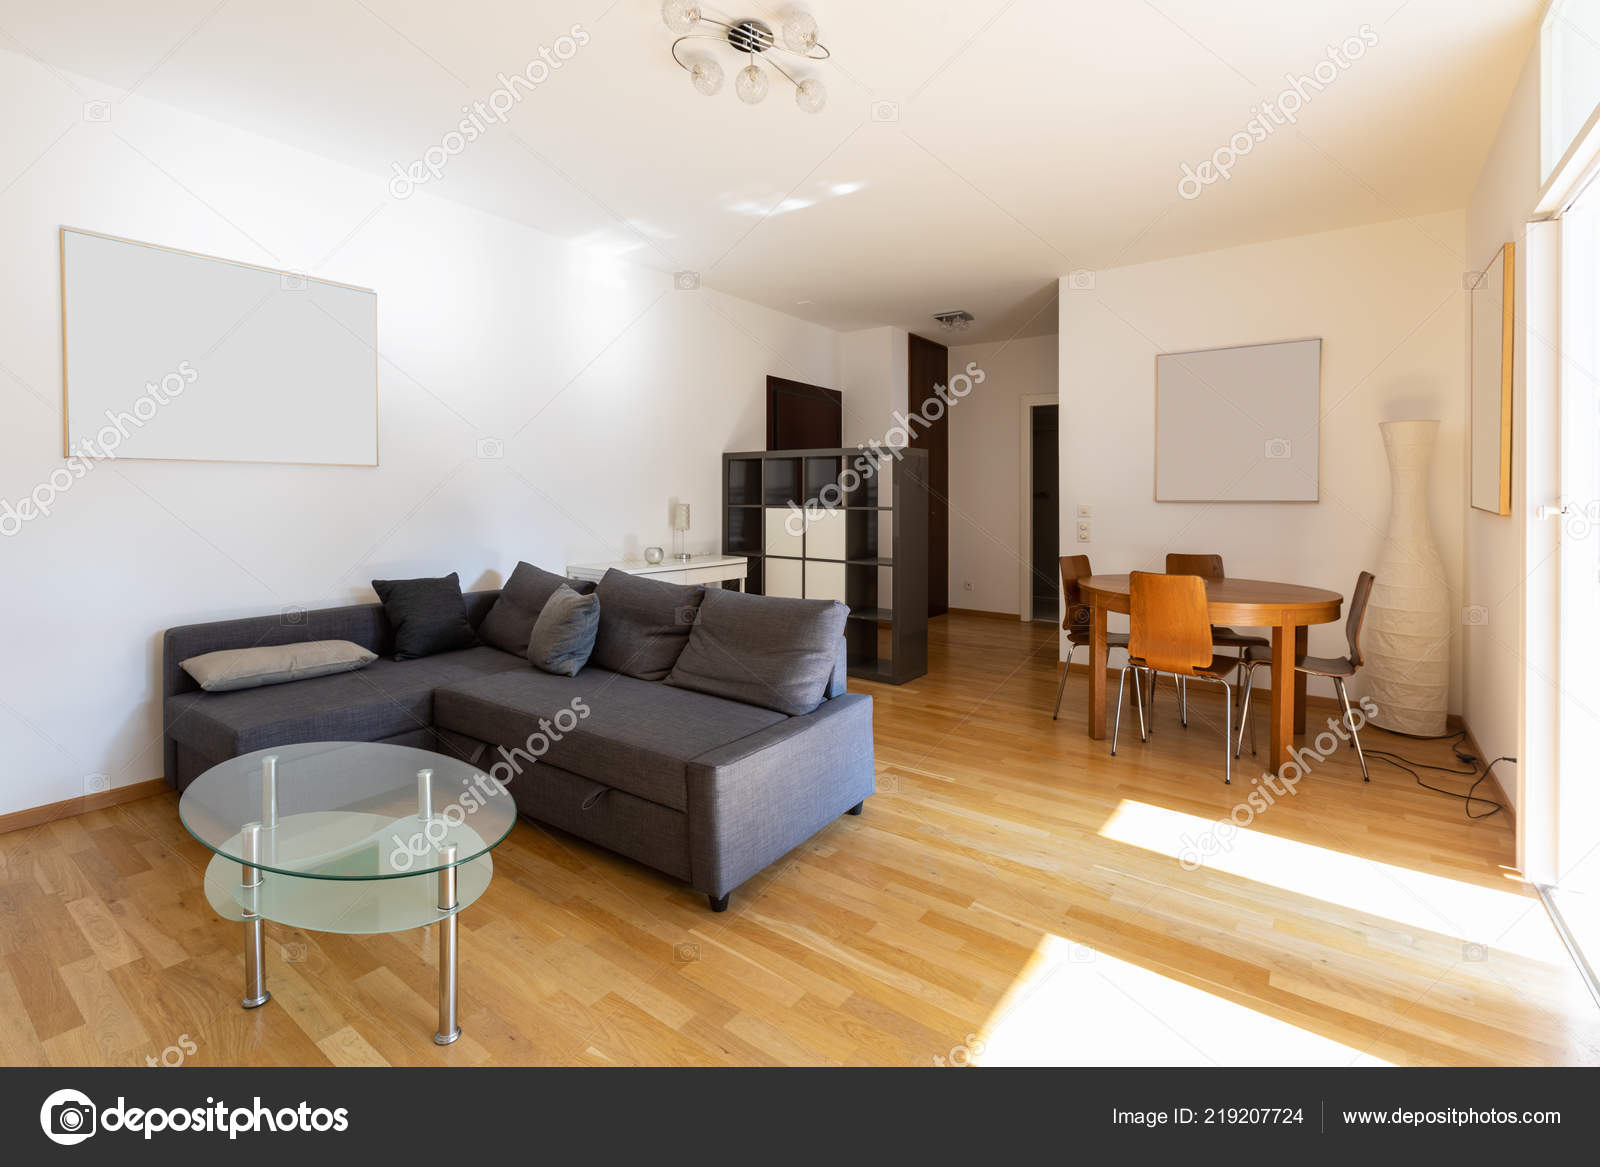 Modernes Wohnzimmer Mit Parkett Und Dunklen Sofa Niemand Inneren